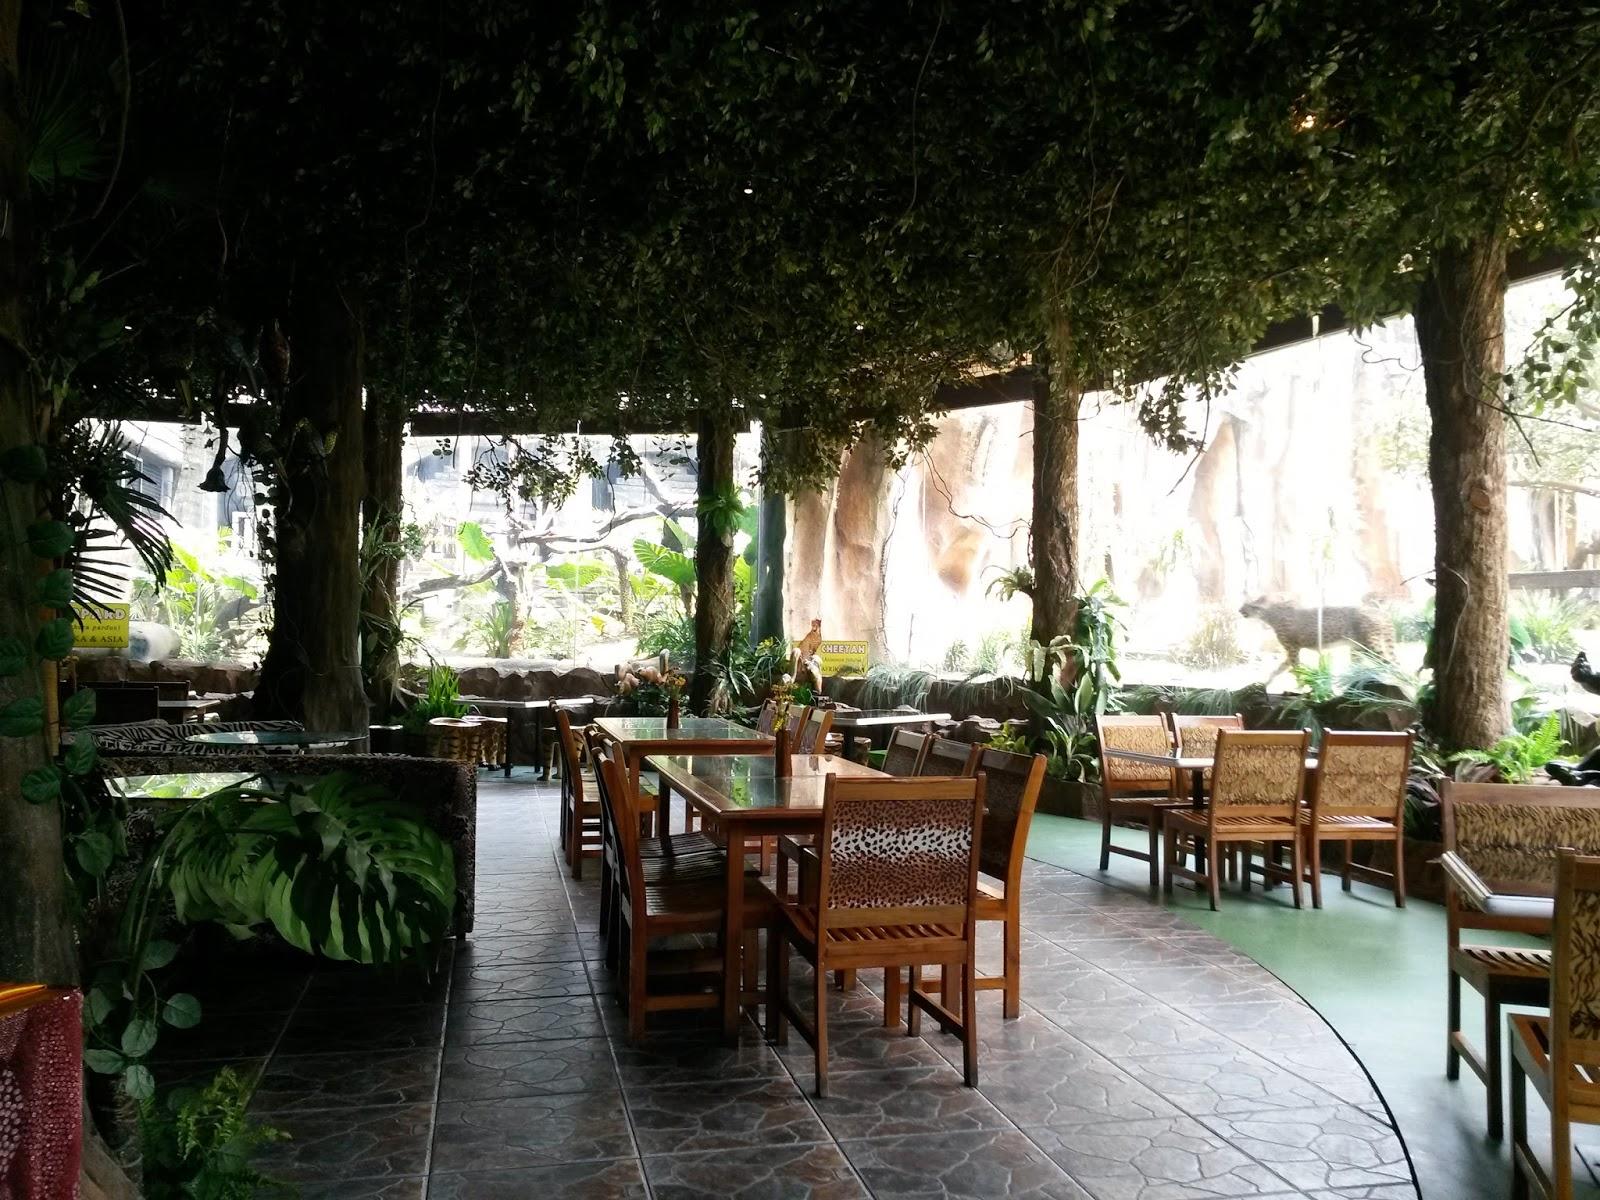 Berani Makan Bareng Singa dan Harimau di 3 Restoran Indonesia Ini ...